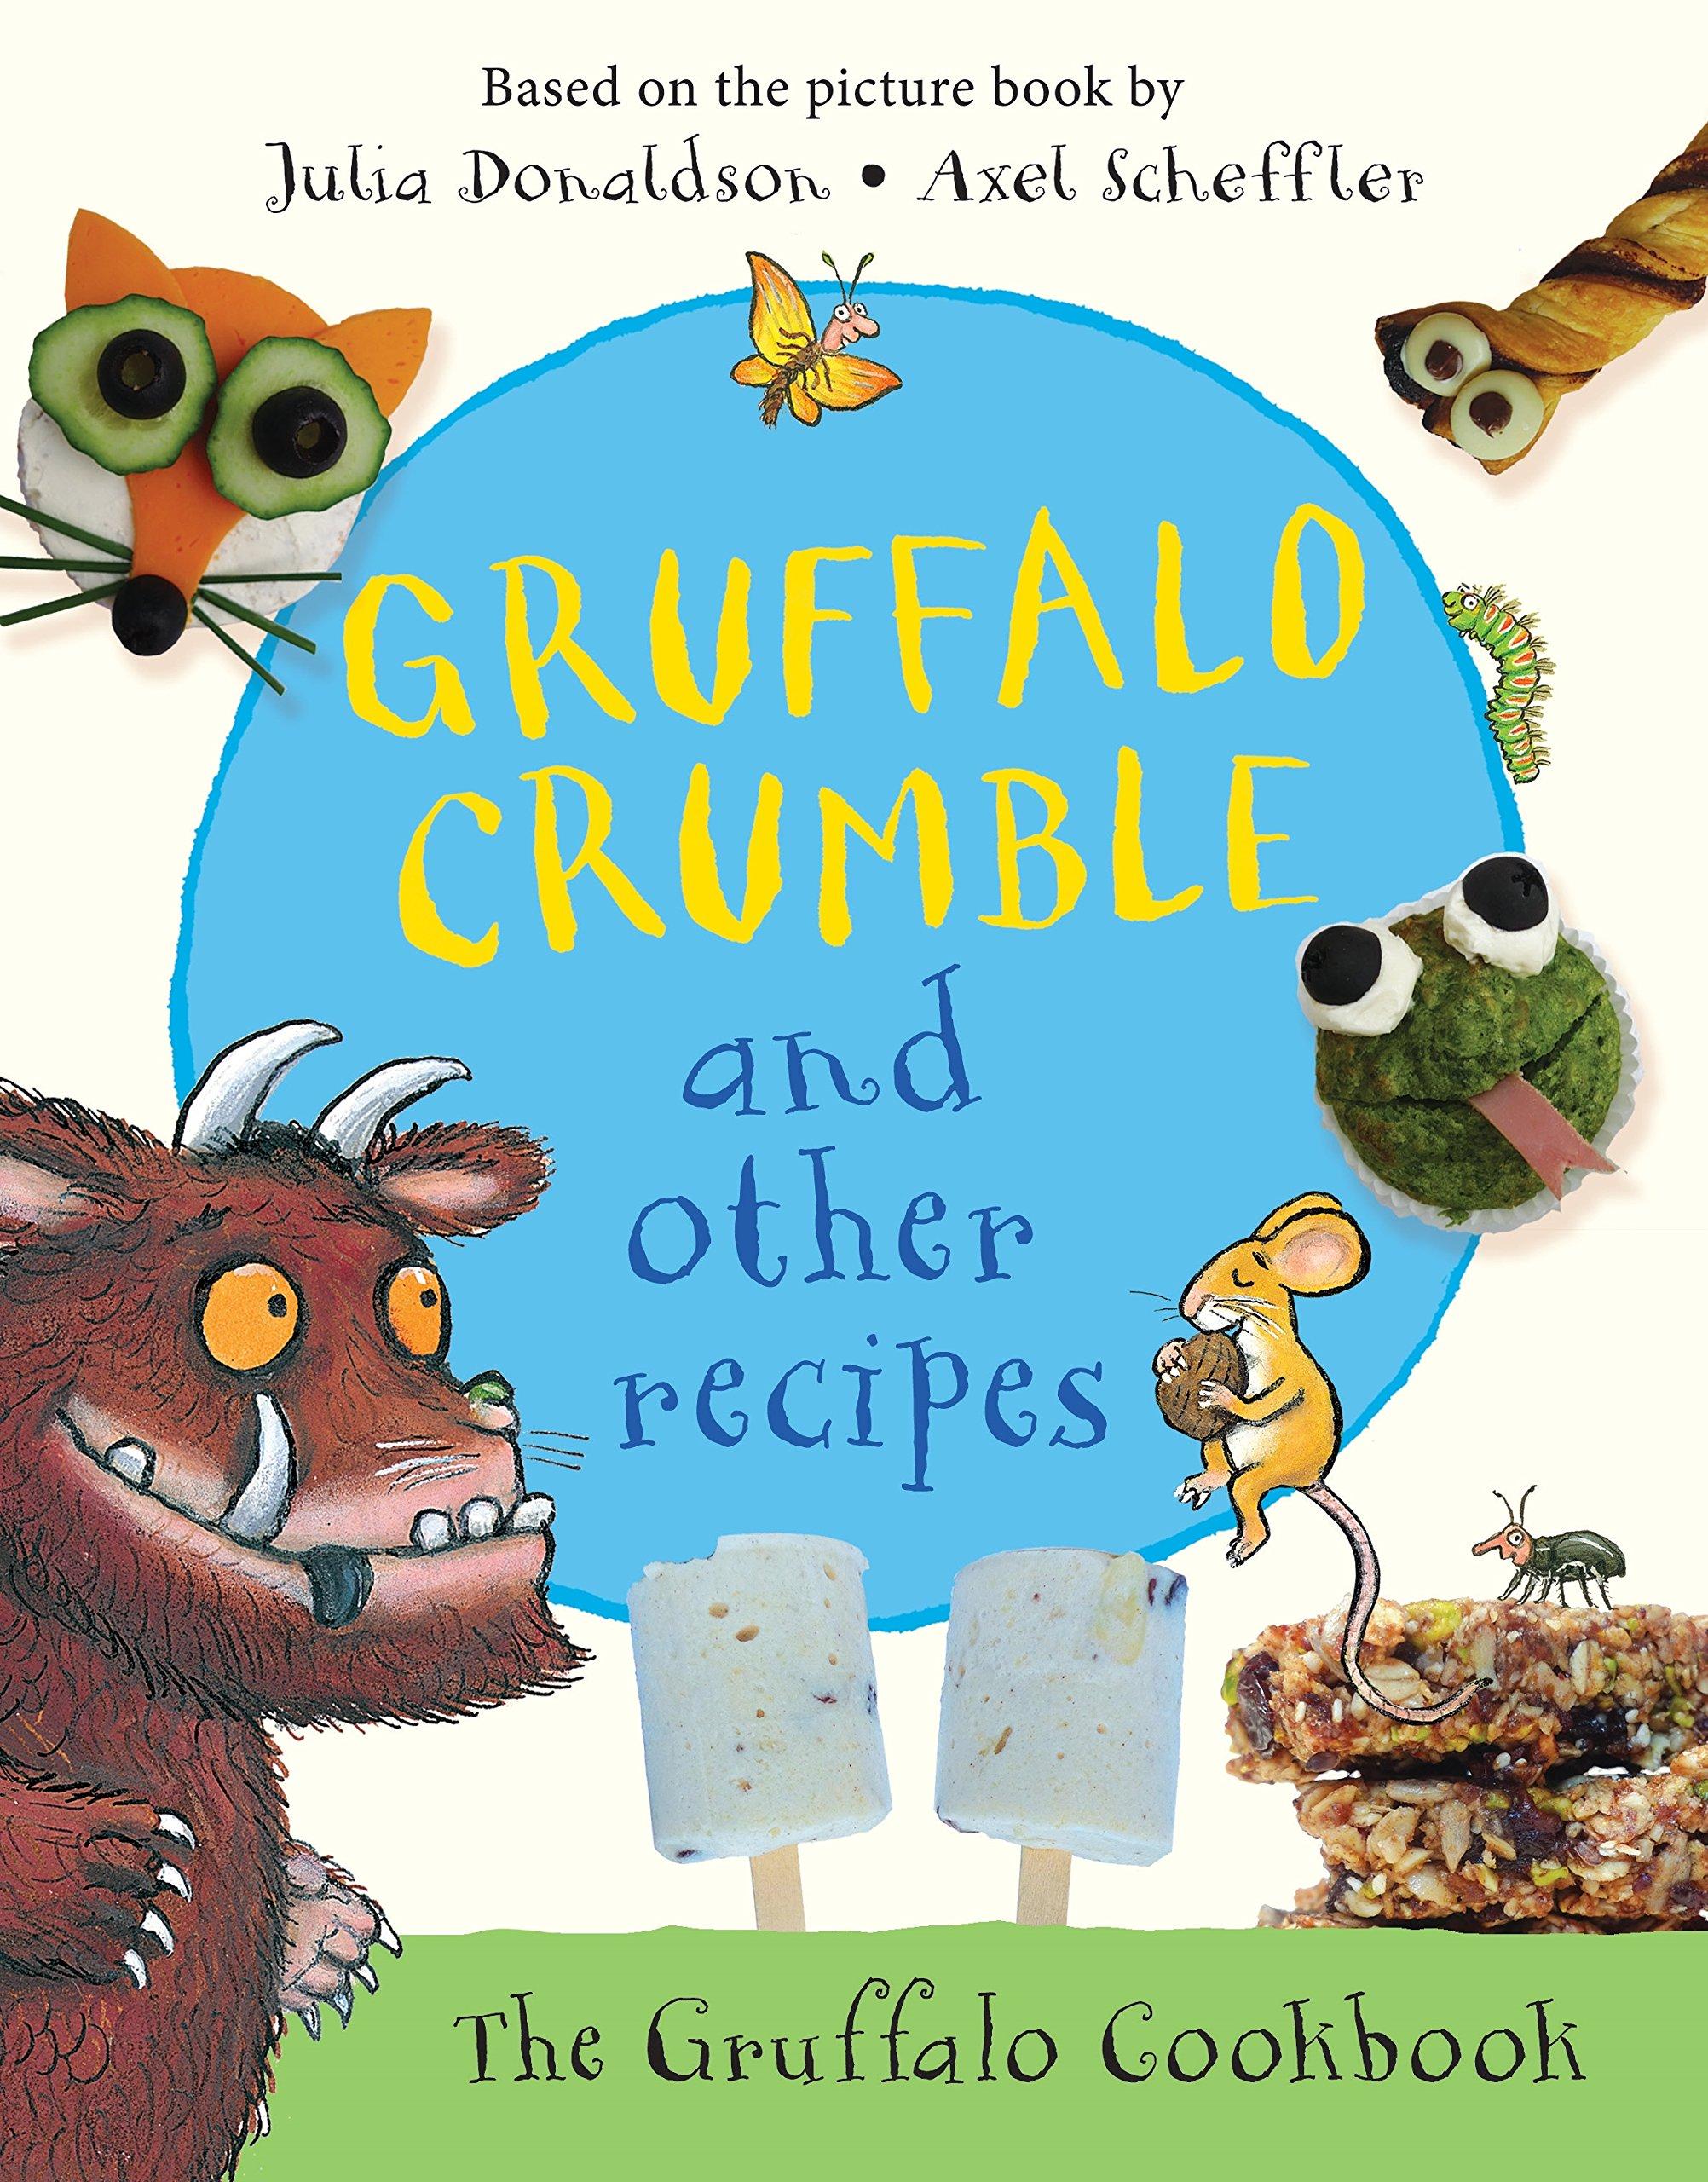 Gruffalo Crumble and Other Recipes: Amazon.co.uk: Julia Donaldson ...